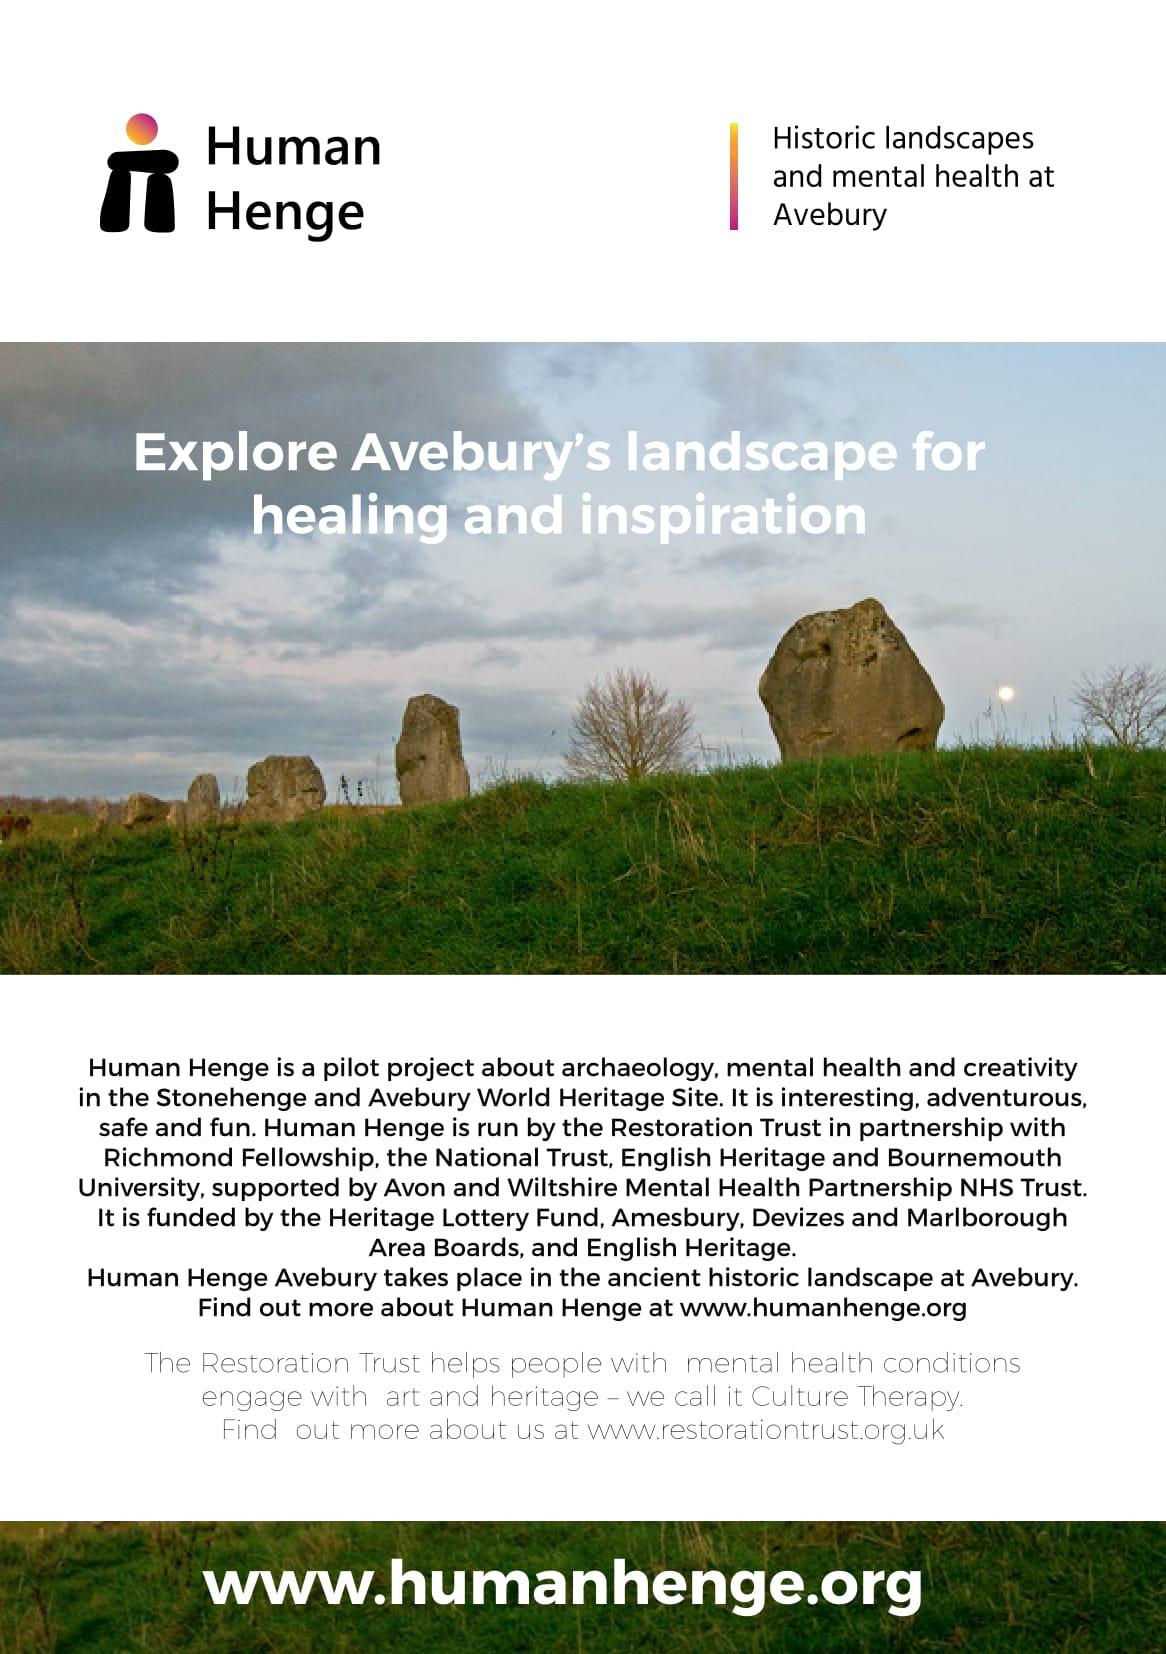 HumanHenge Avebury Leaflet web -1 - Human Henge